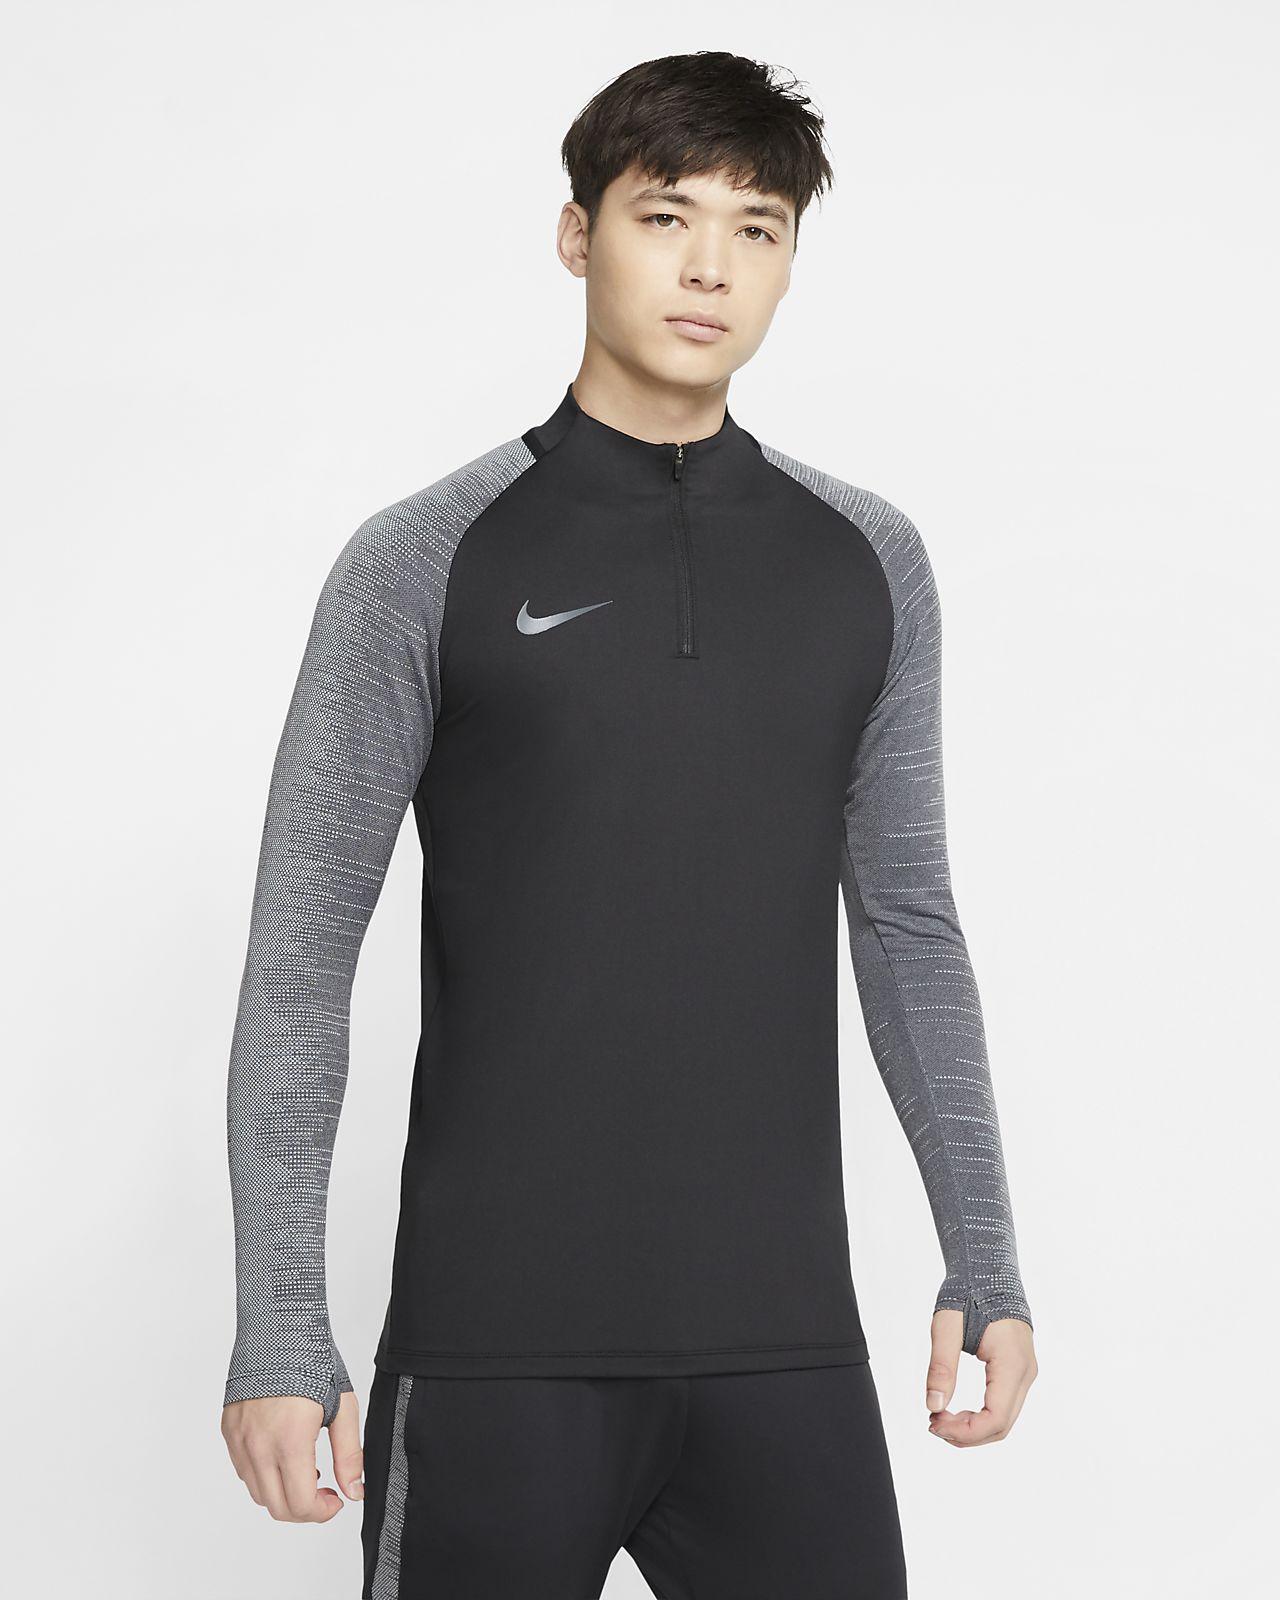 Pánský fotbalový tréninkový top Nike Dri-FIT Strike